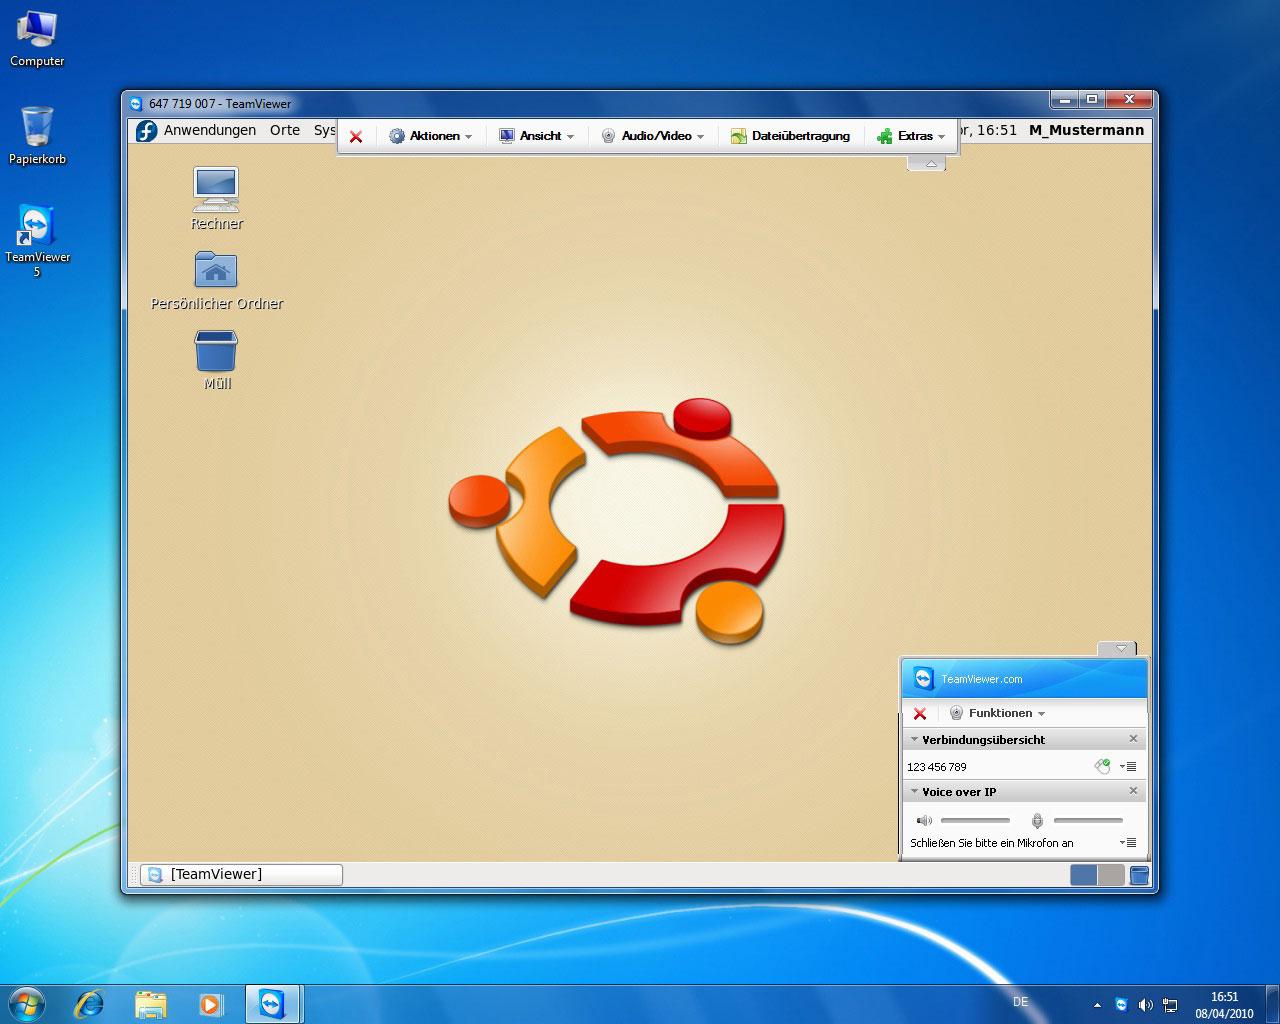 Teamviewer auch für Linux - als Betaversion - Teamviewer unter Linux